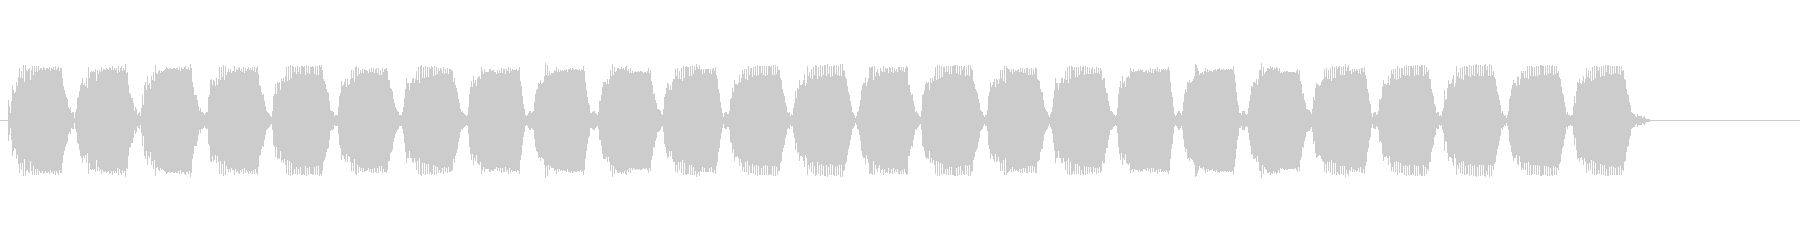 ぶーぶーぶー(バイブ音)の未再生の波形